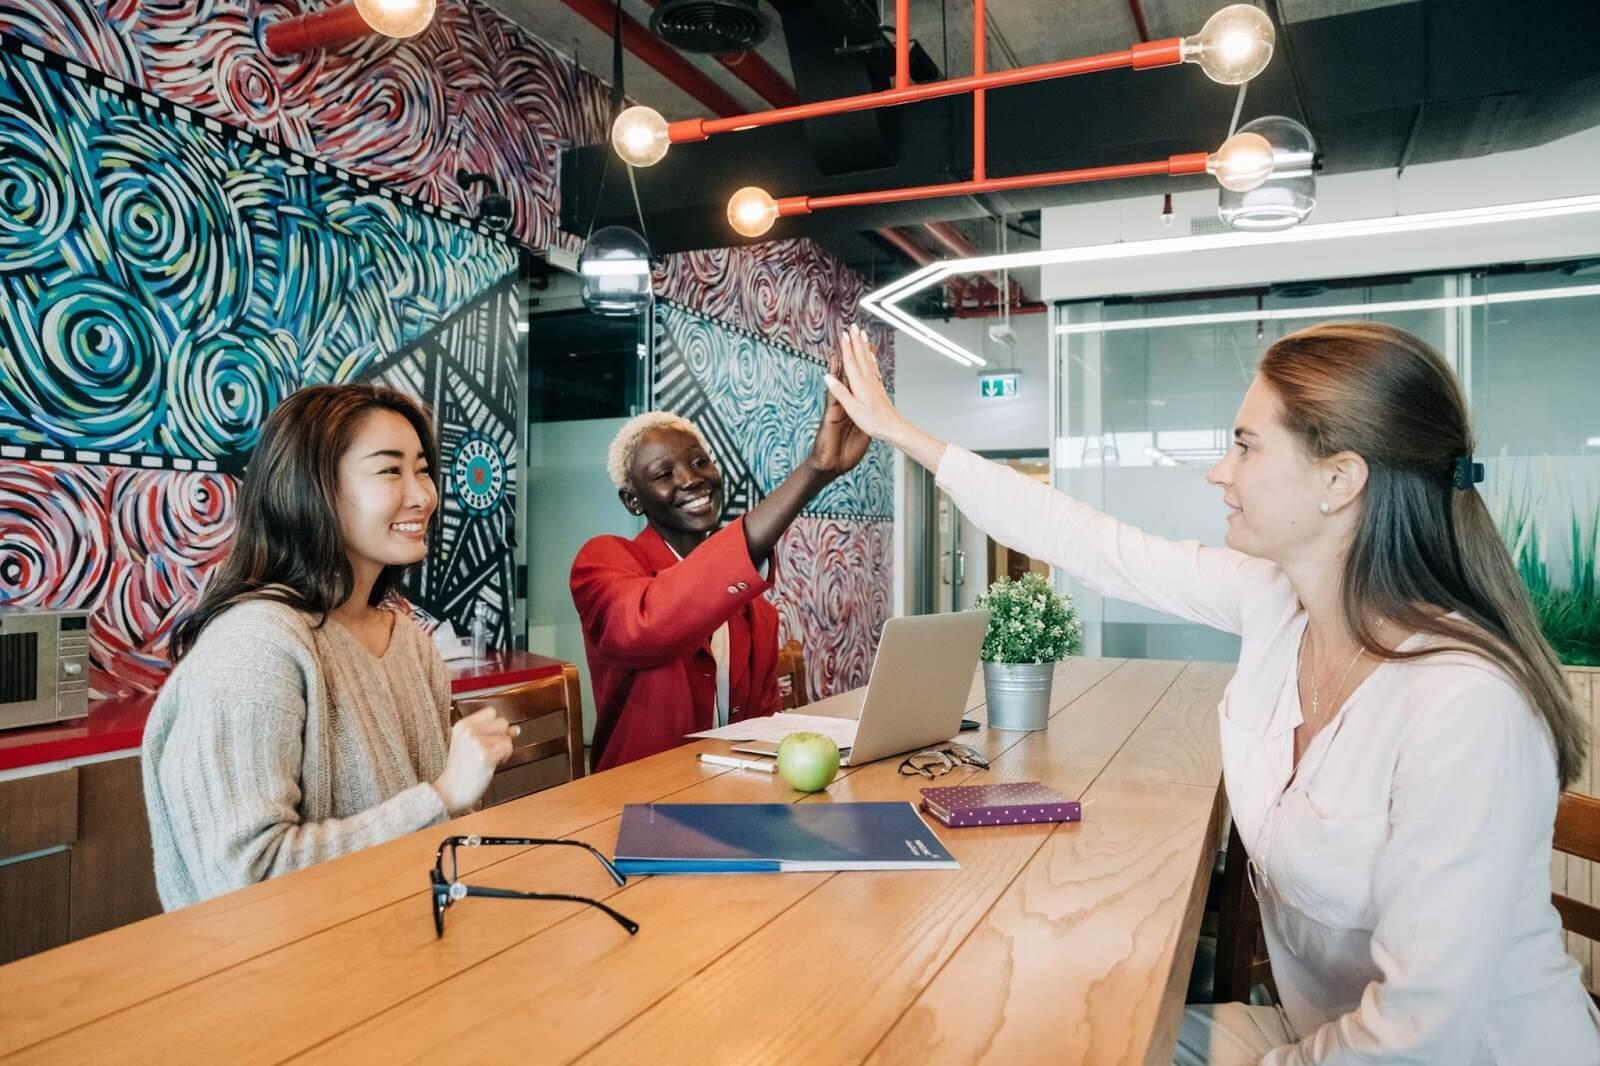 Các Marketing Agency đa năng đang dần được Client lựa chọn nhiều hơn cho các chiến dịch